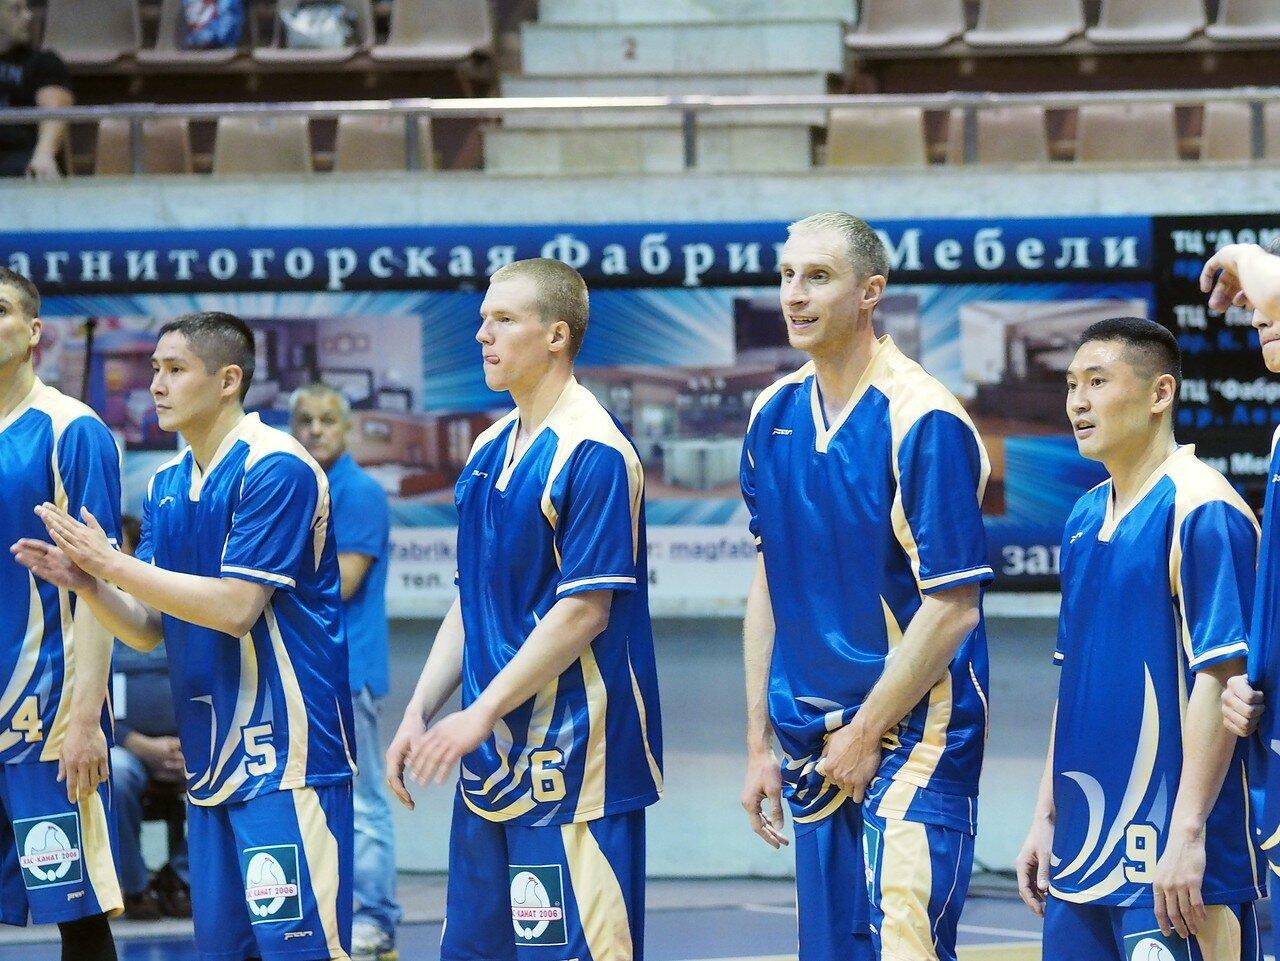 3 Динамо - Тобол 27.05.2017